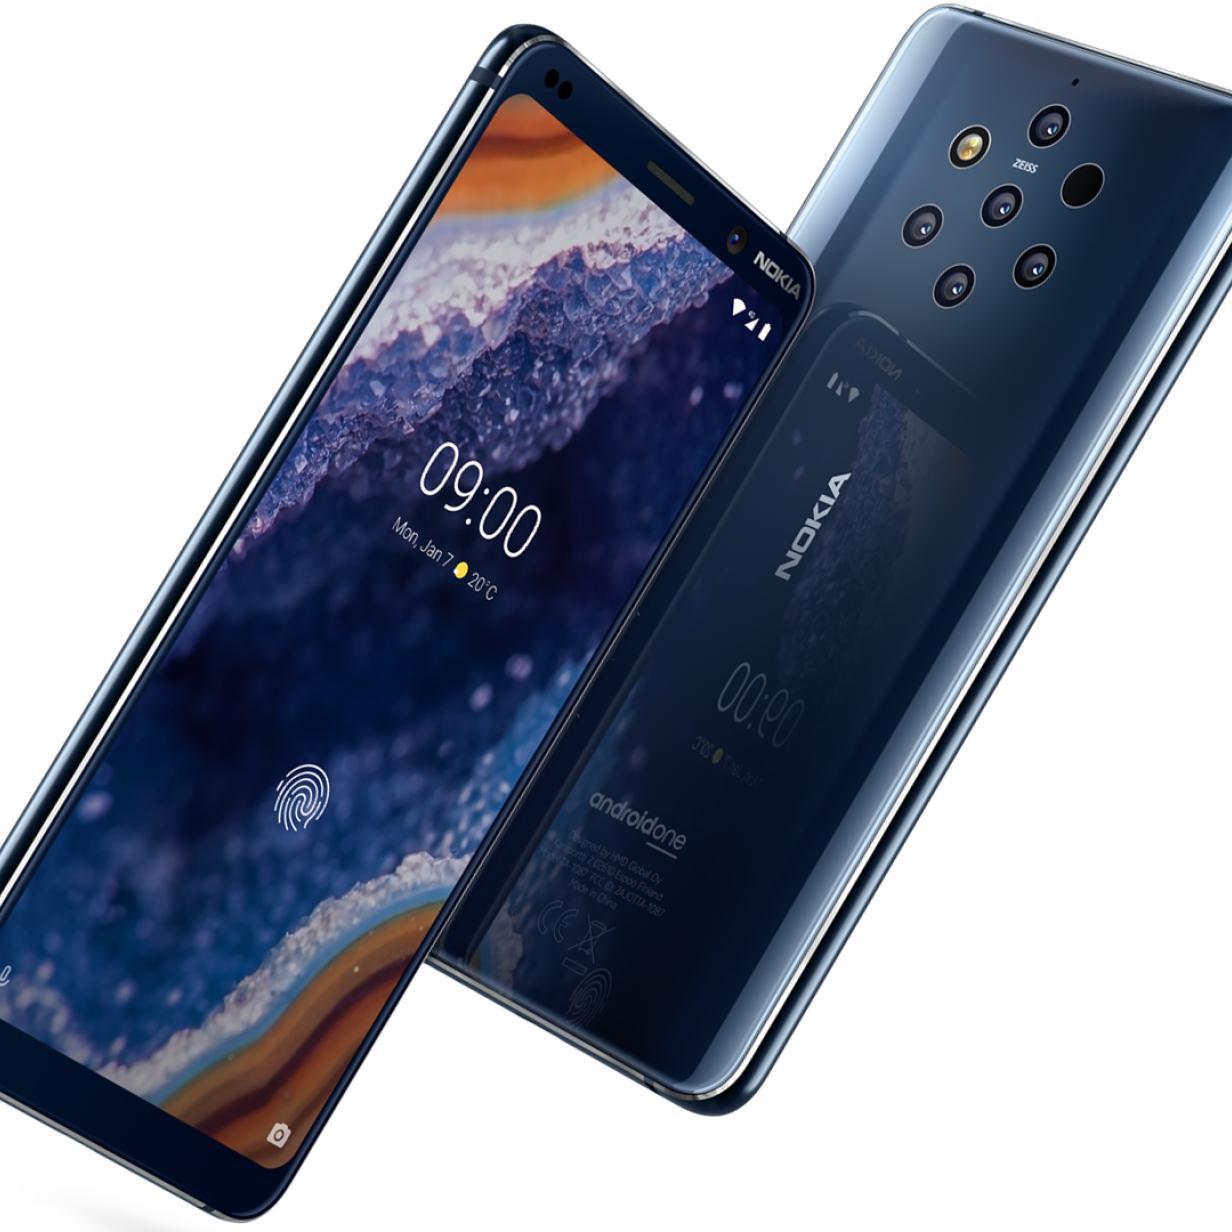 Nokia 9 lässt sich mit Kaugummi statt Fingerabdruck entsperren